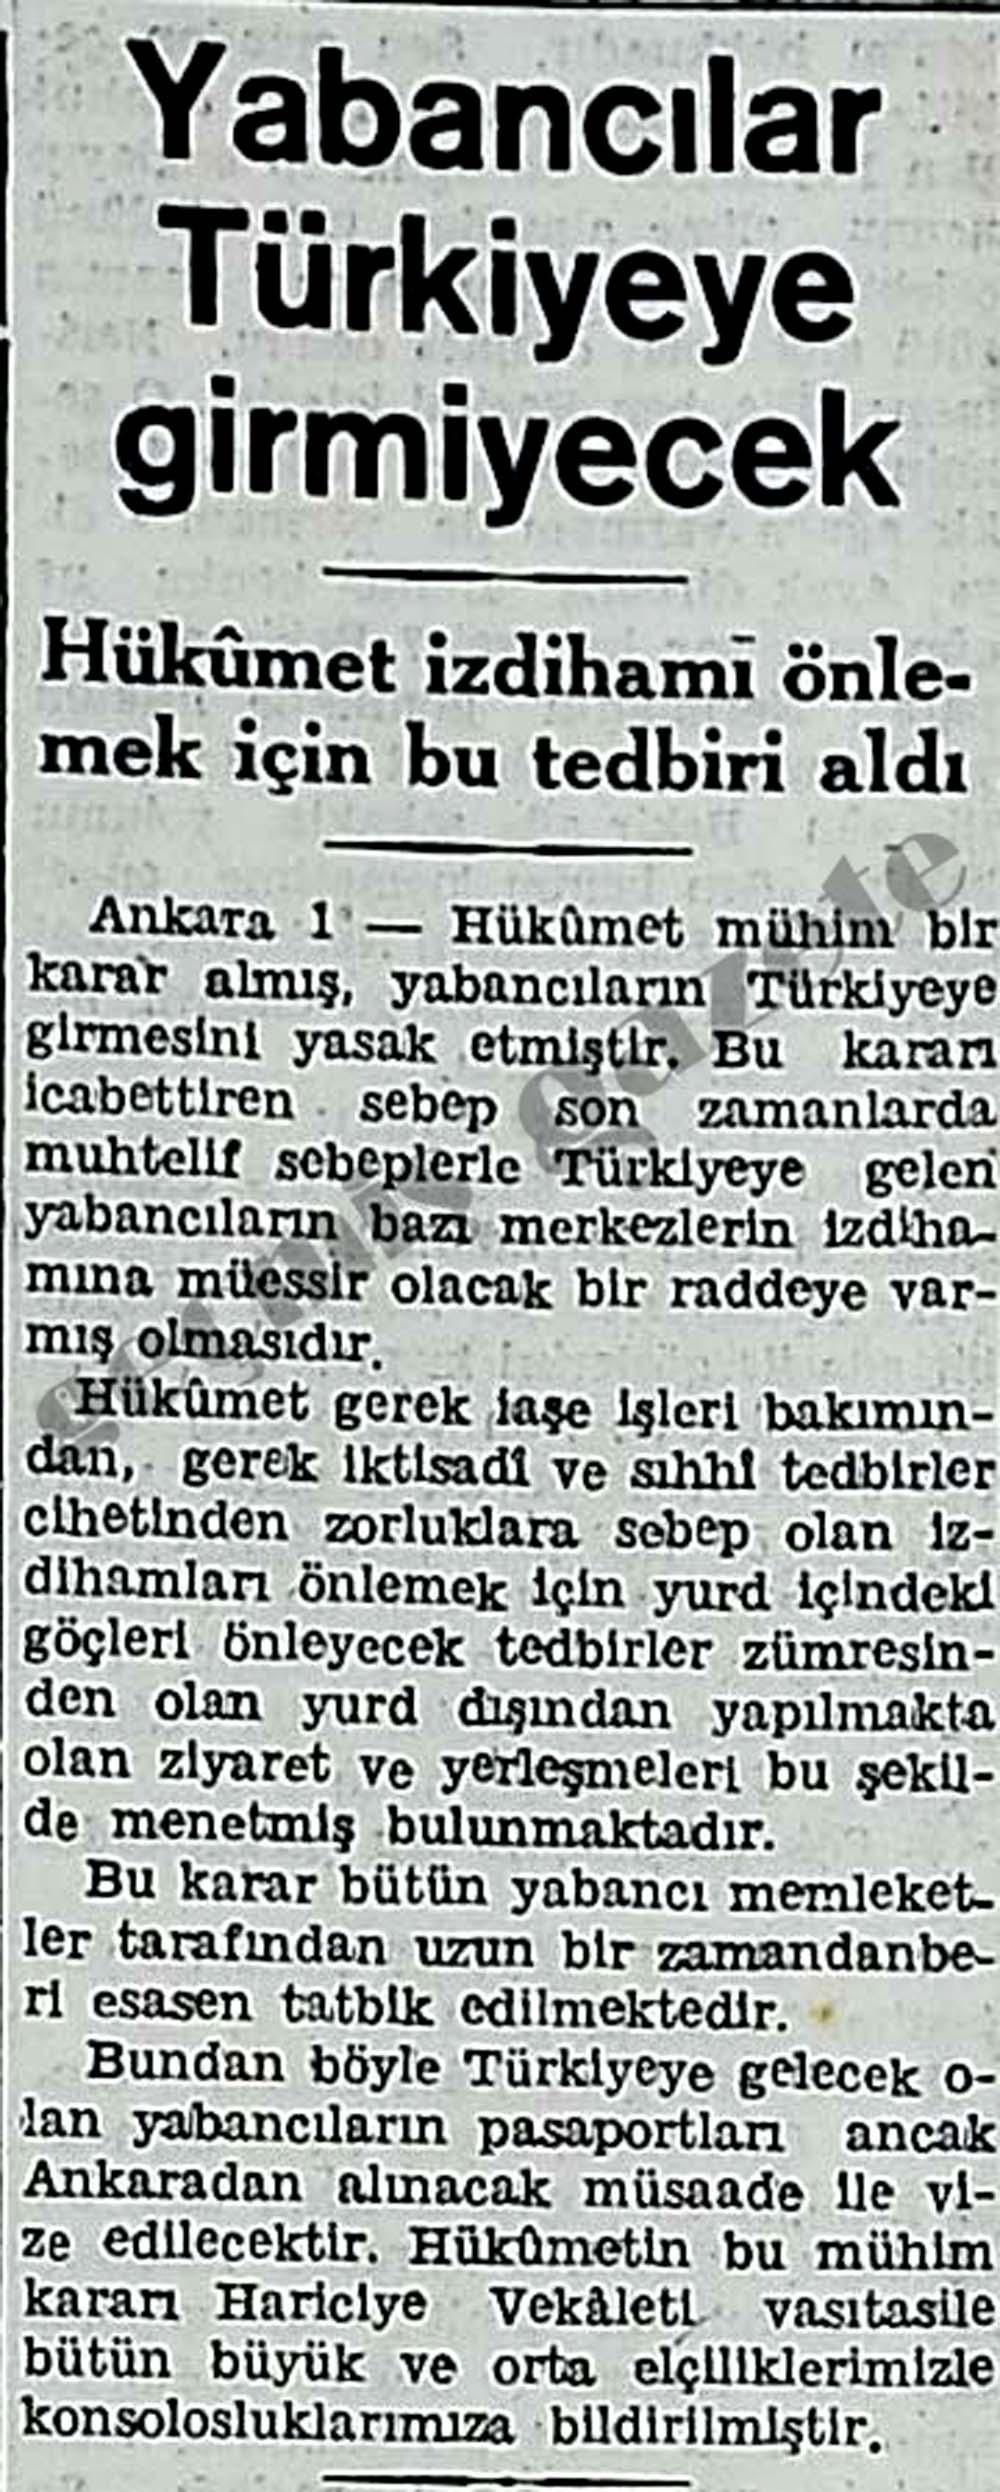 Yabancılar Türkiyeye girmiyecek